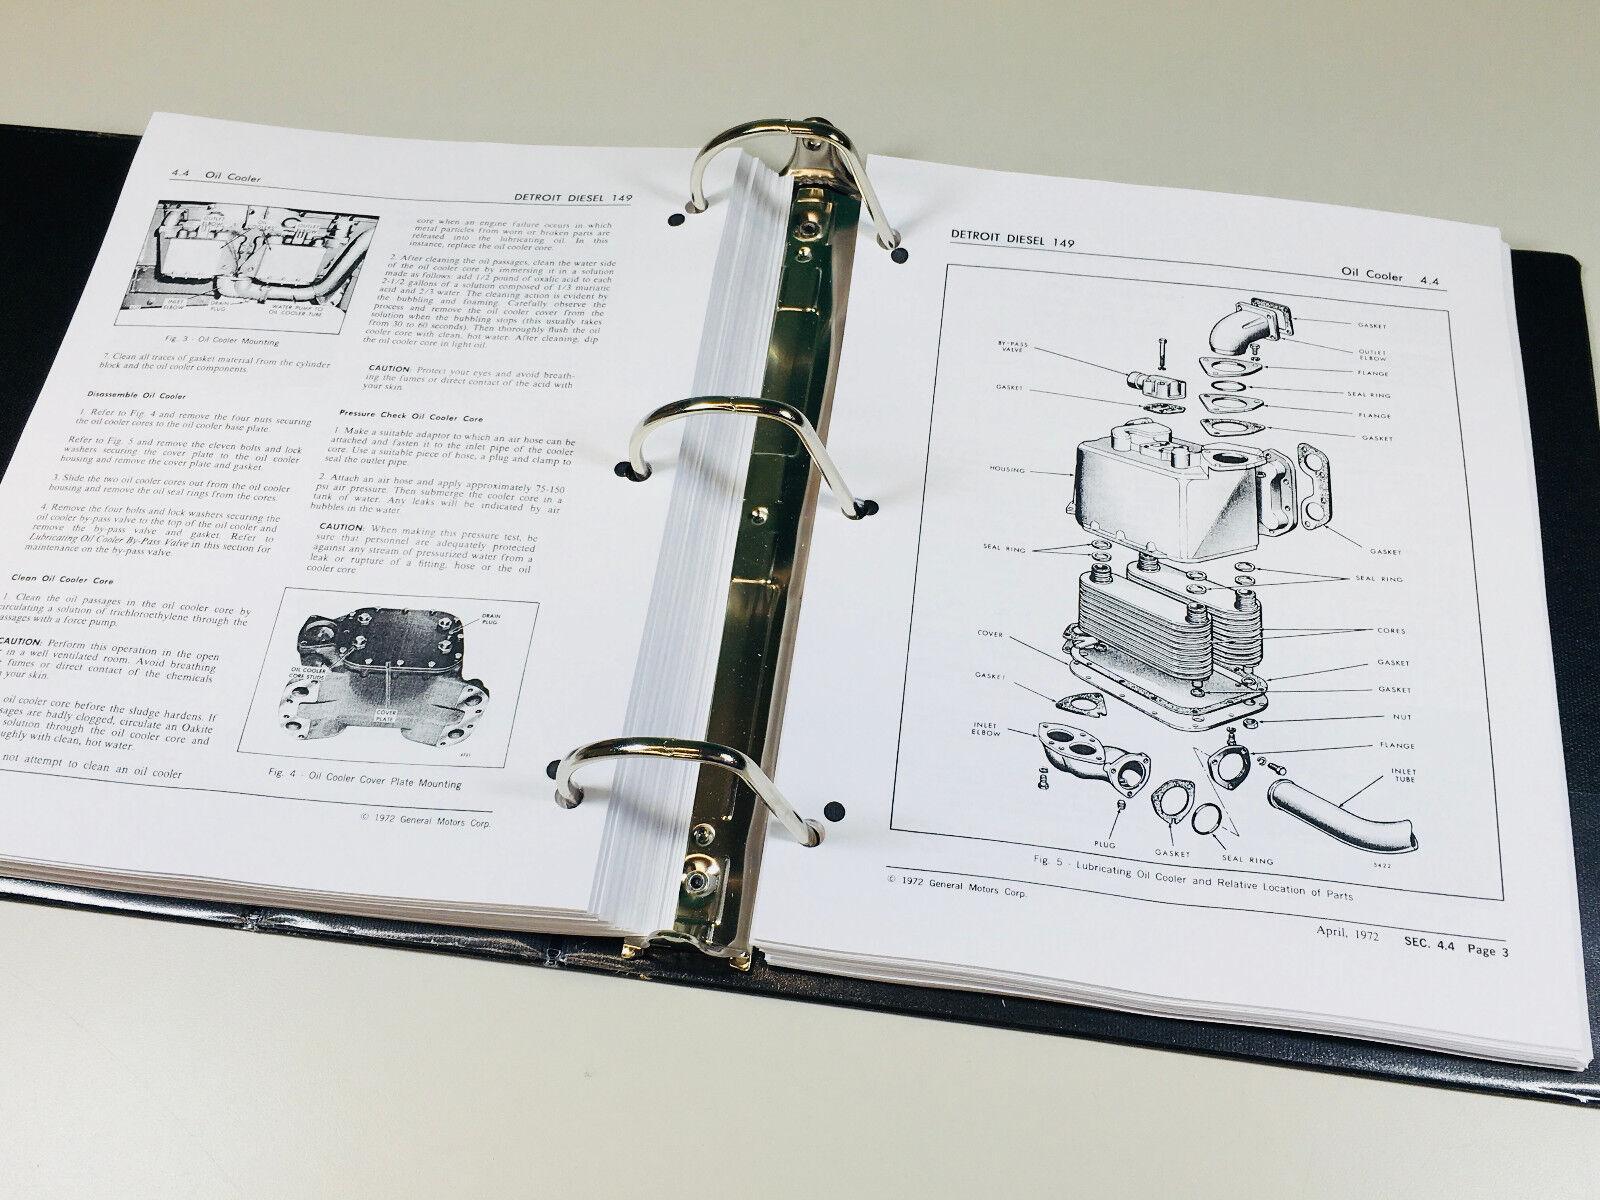 detroit diesel series 149 parts manual